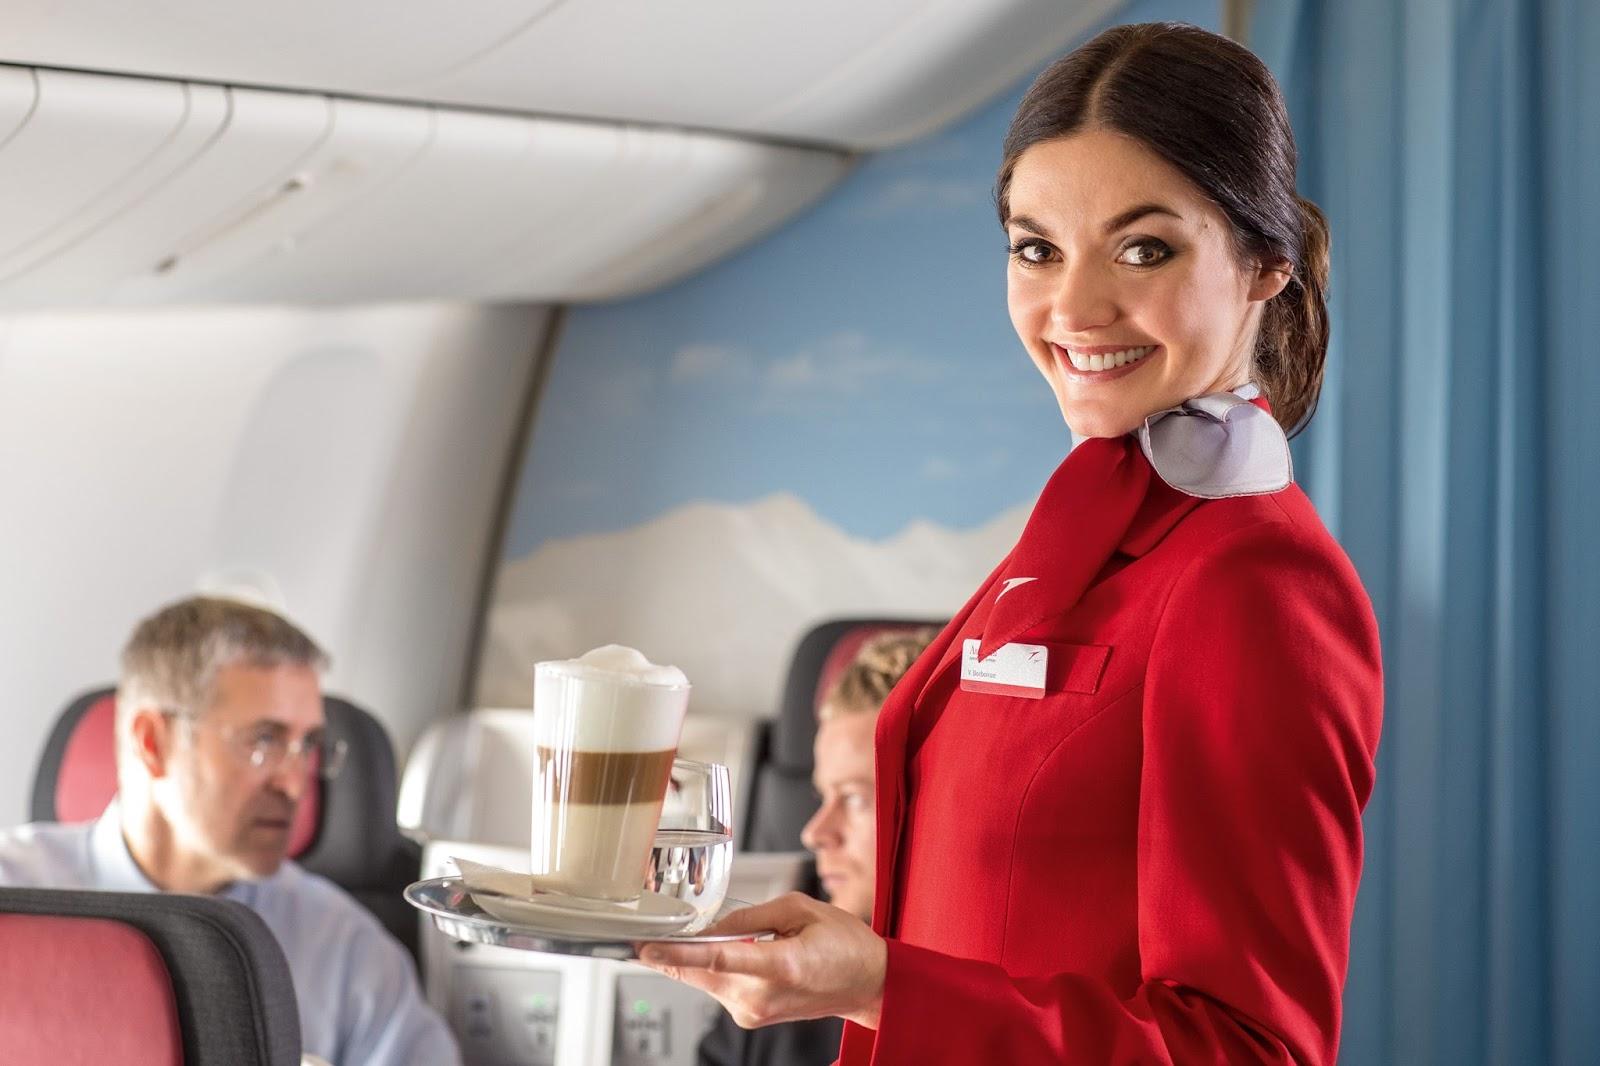 real air stewardess